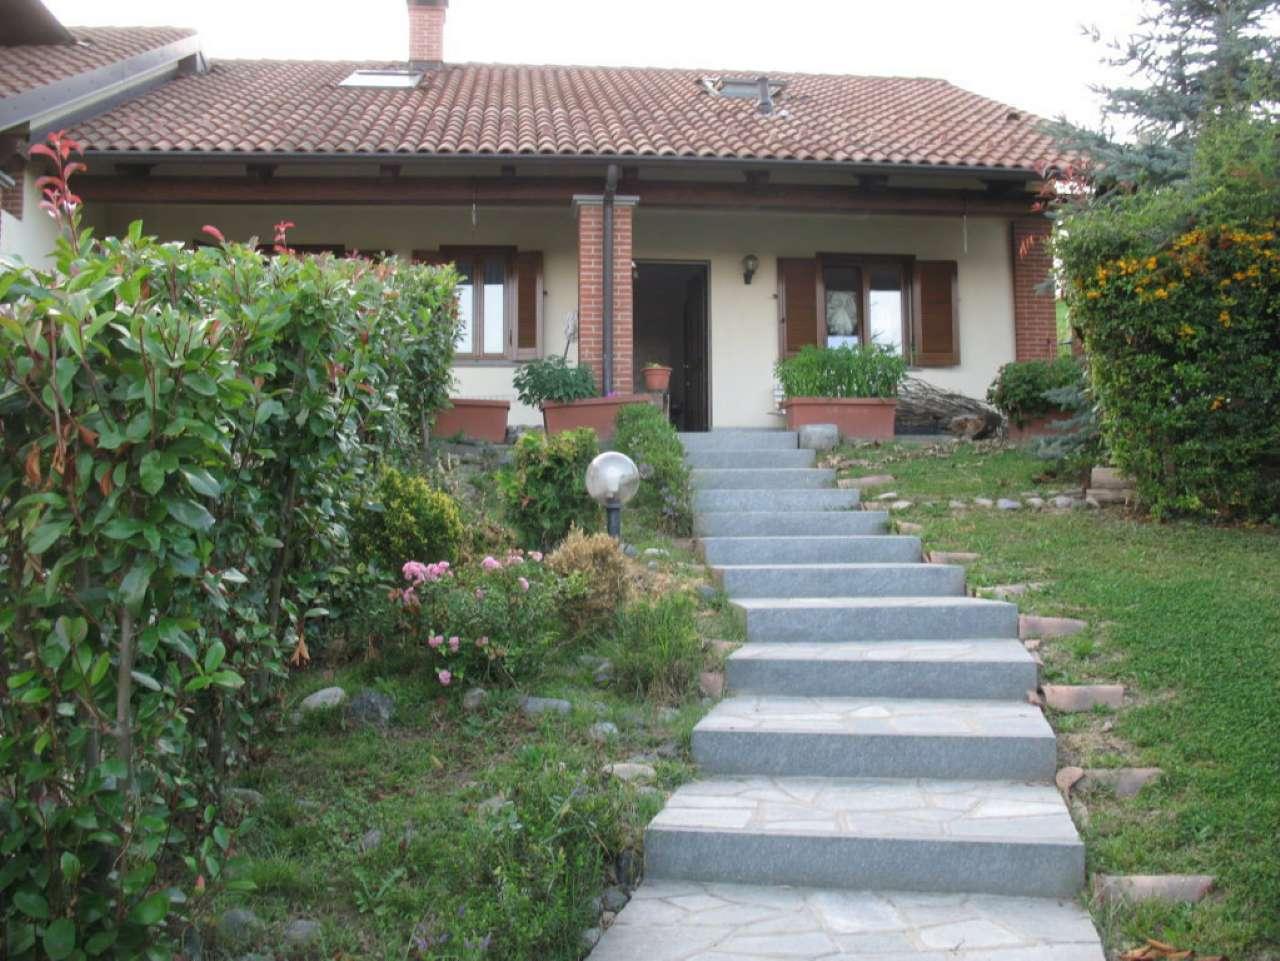 Soluzione Indipendente in vendita a Baldissero Torinese, 6 locali, prezzo € 275.000   Cambio Casa.it